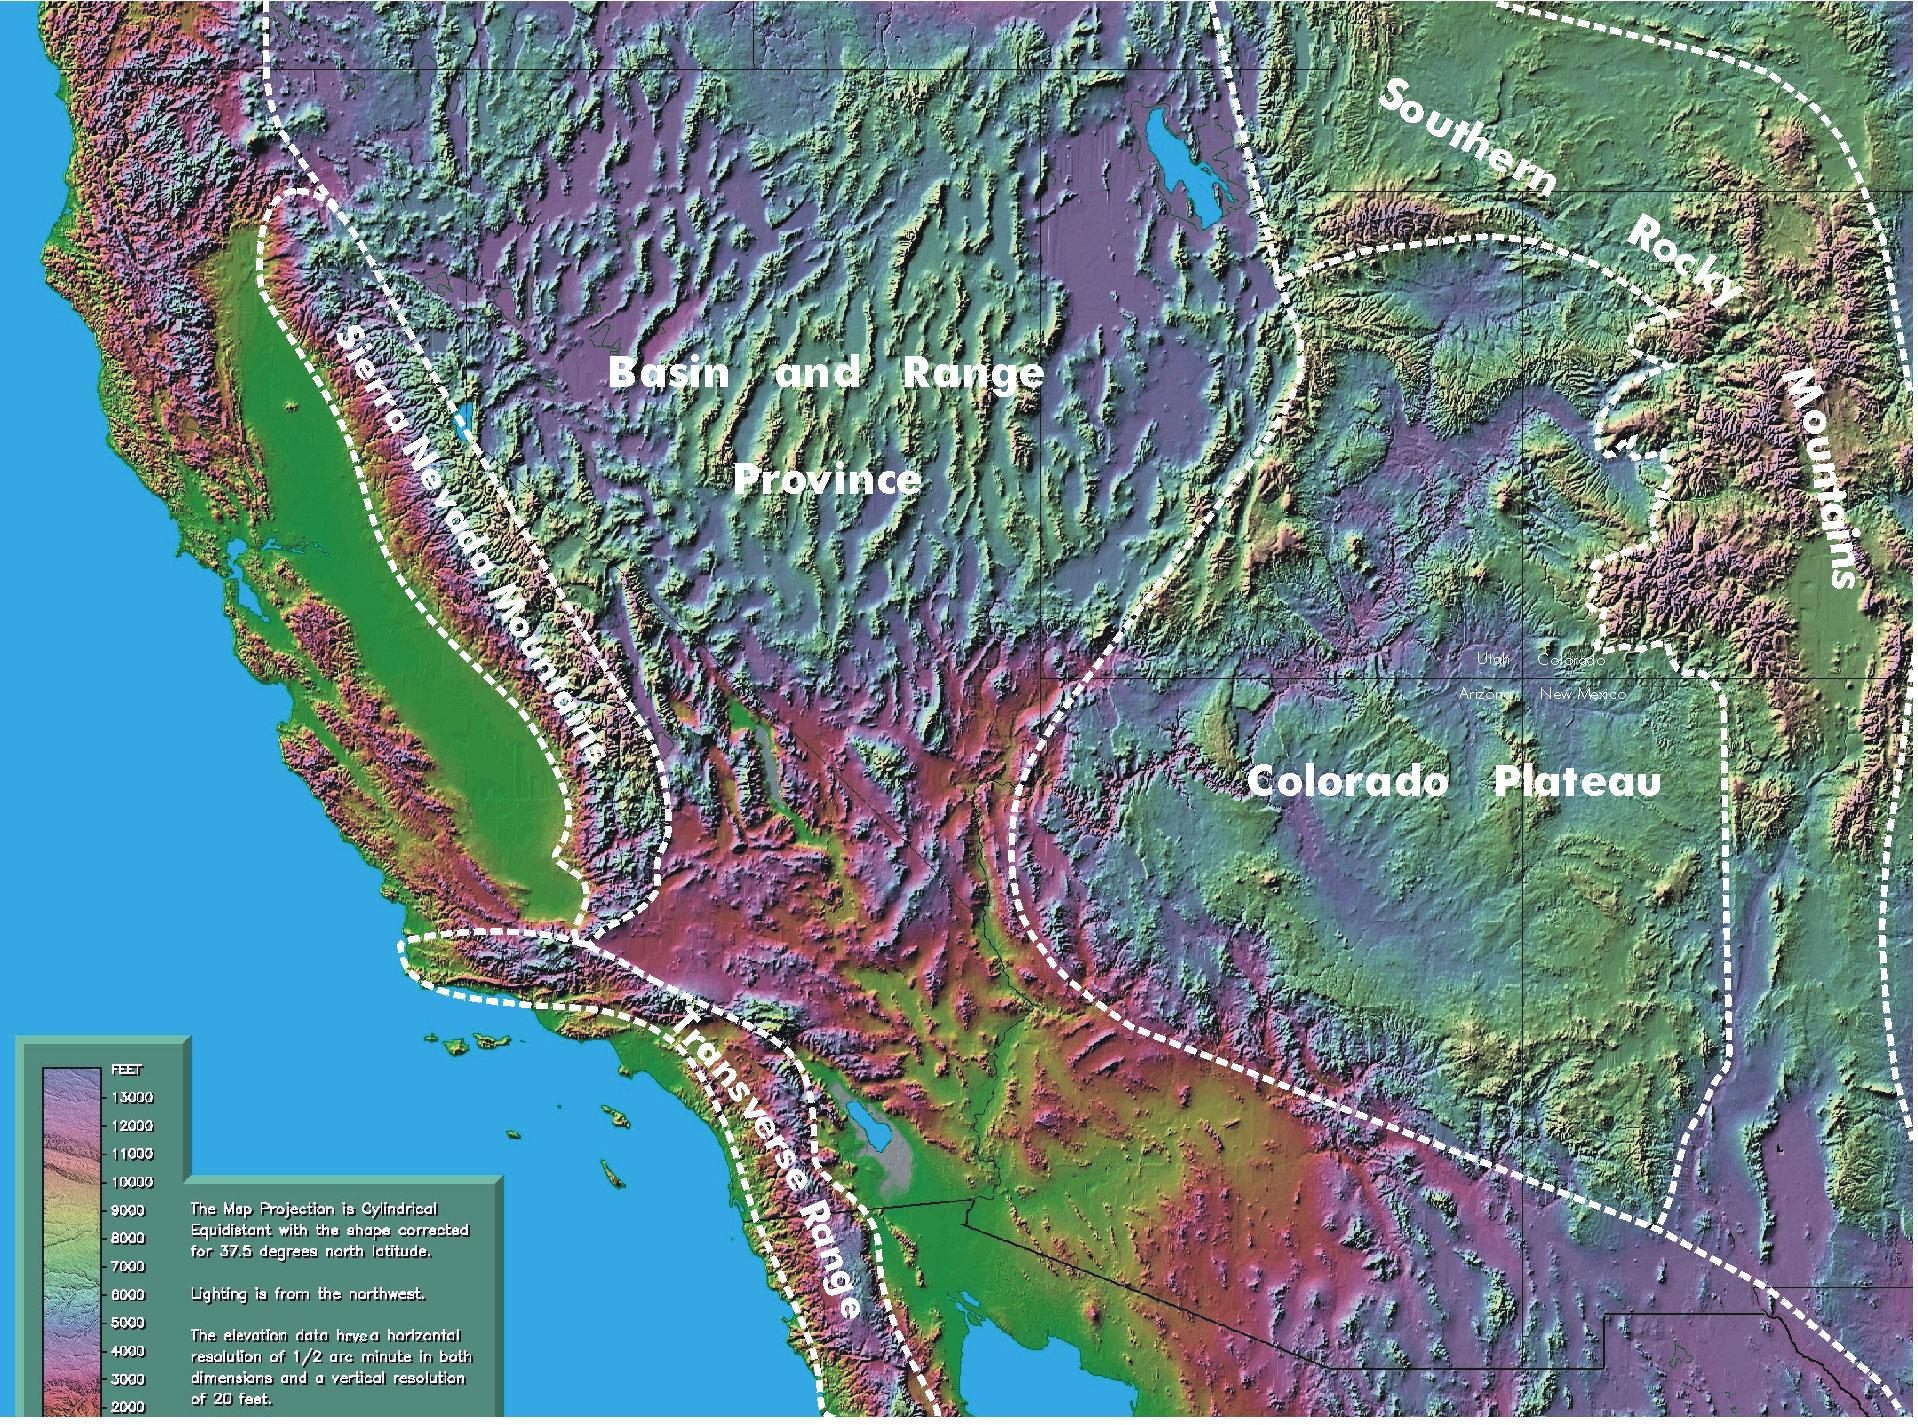 Flood Boundary Erosion Creationcom - Map of colorado plateau region